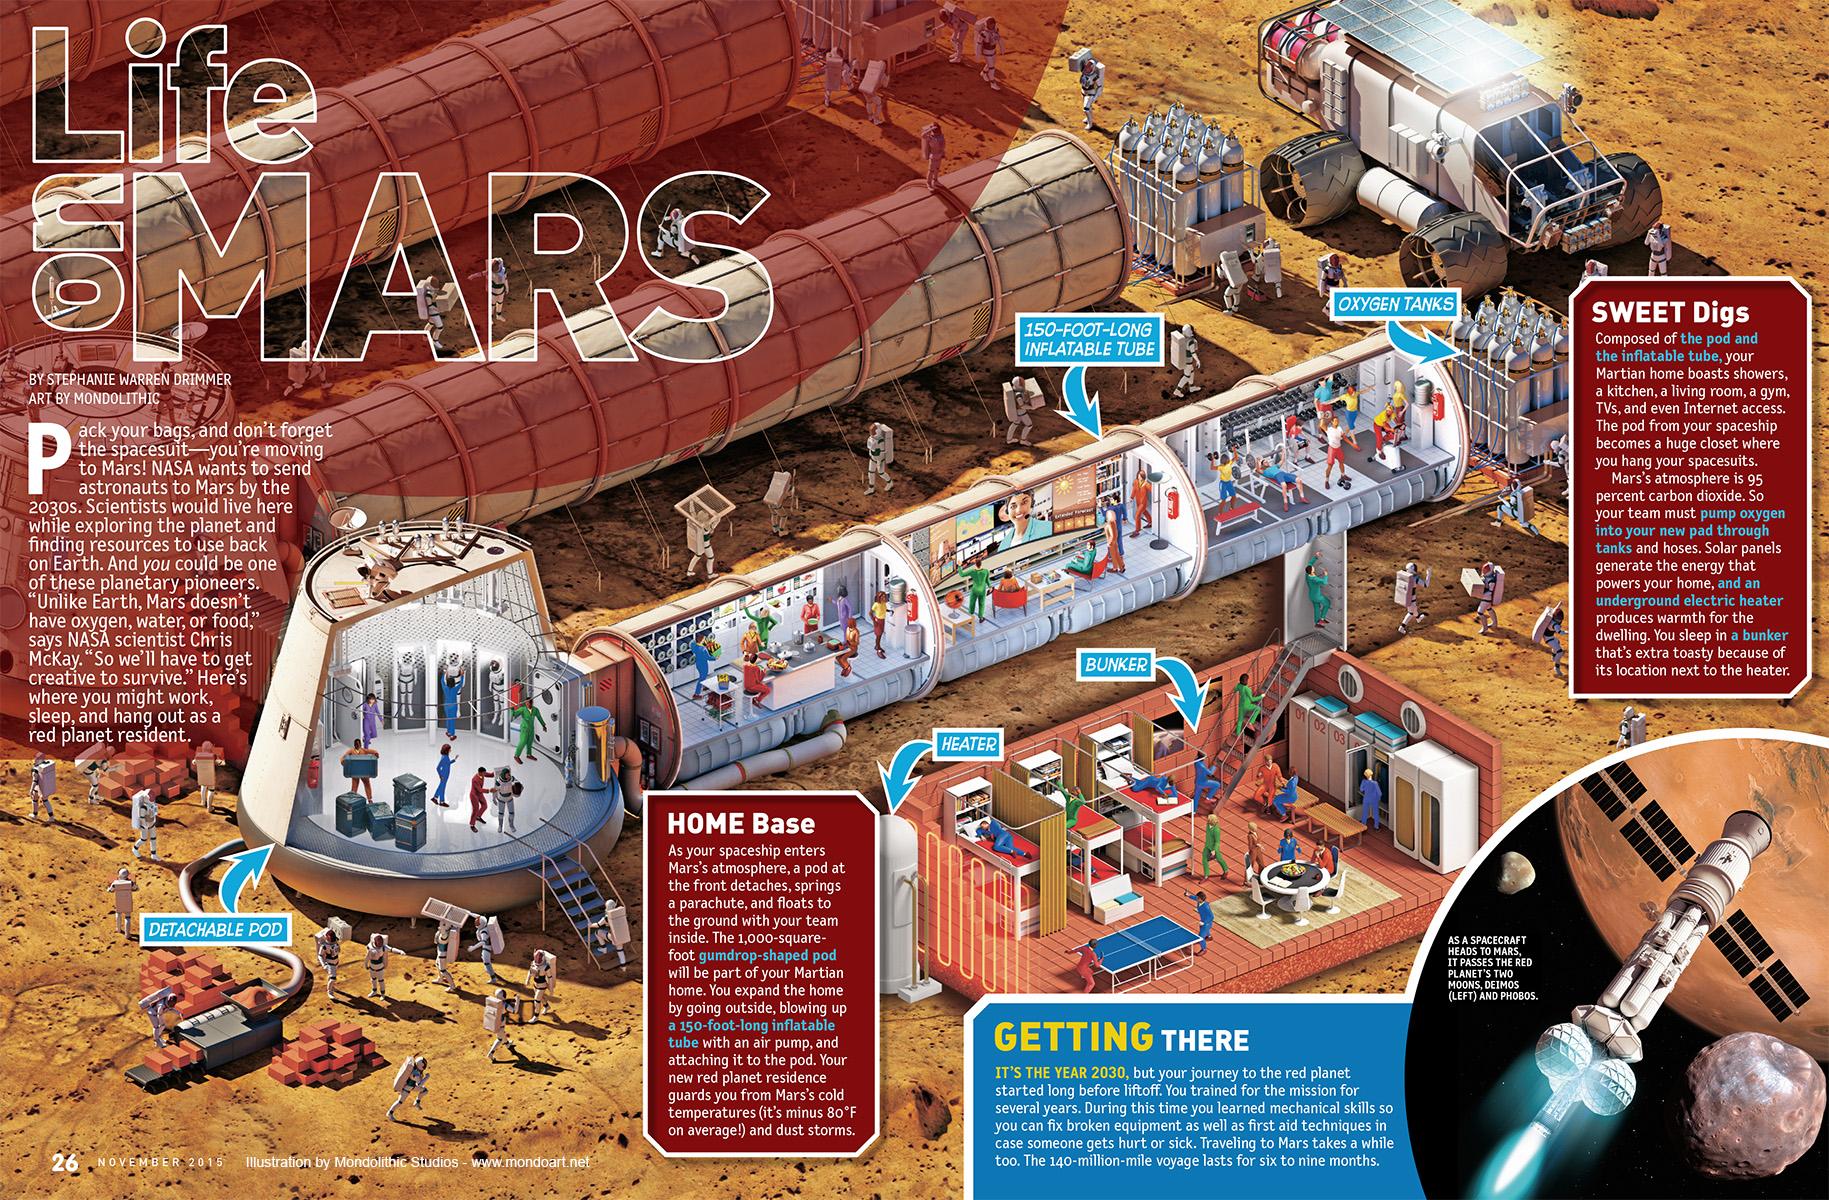 Illustrations of Life on Mars